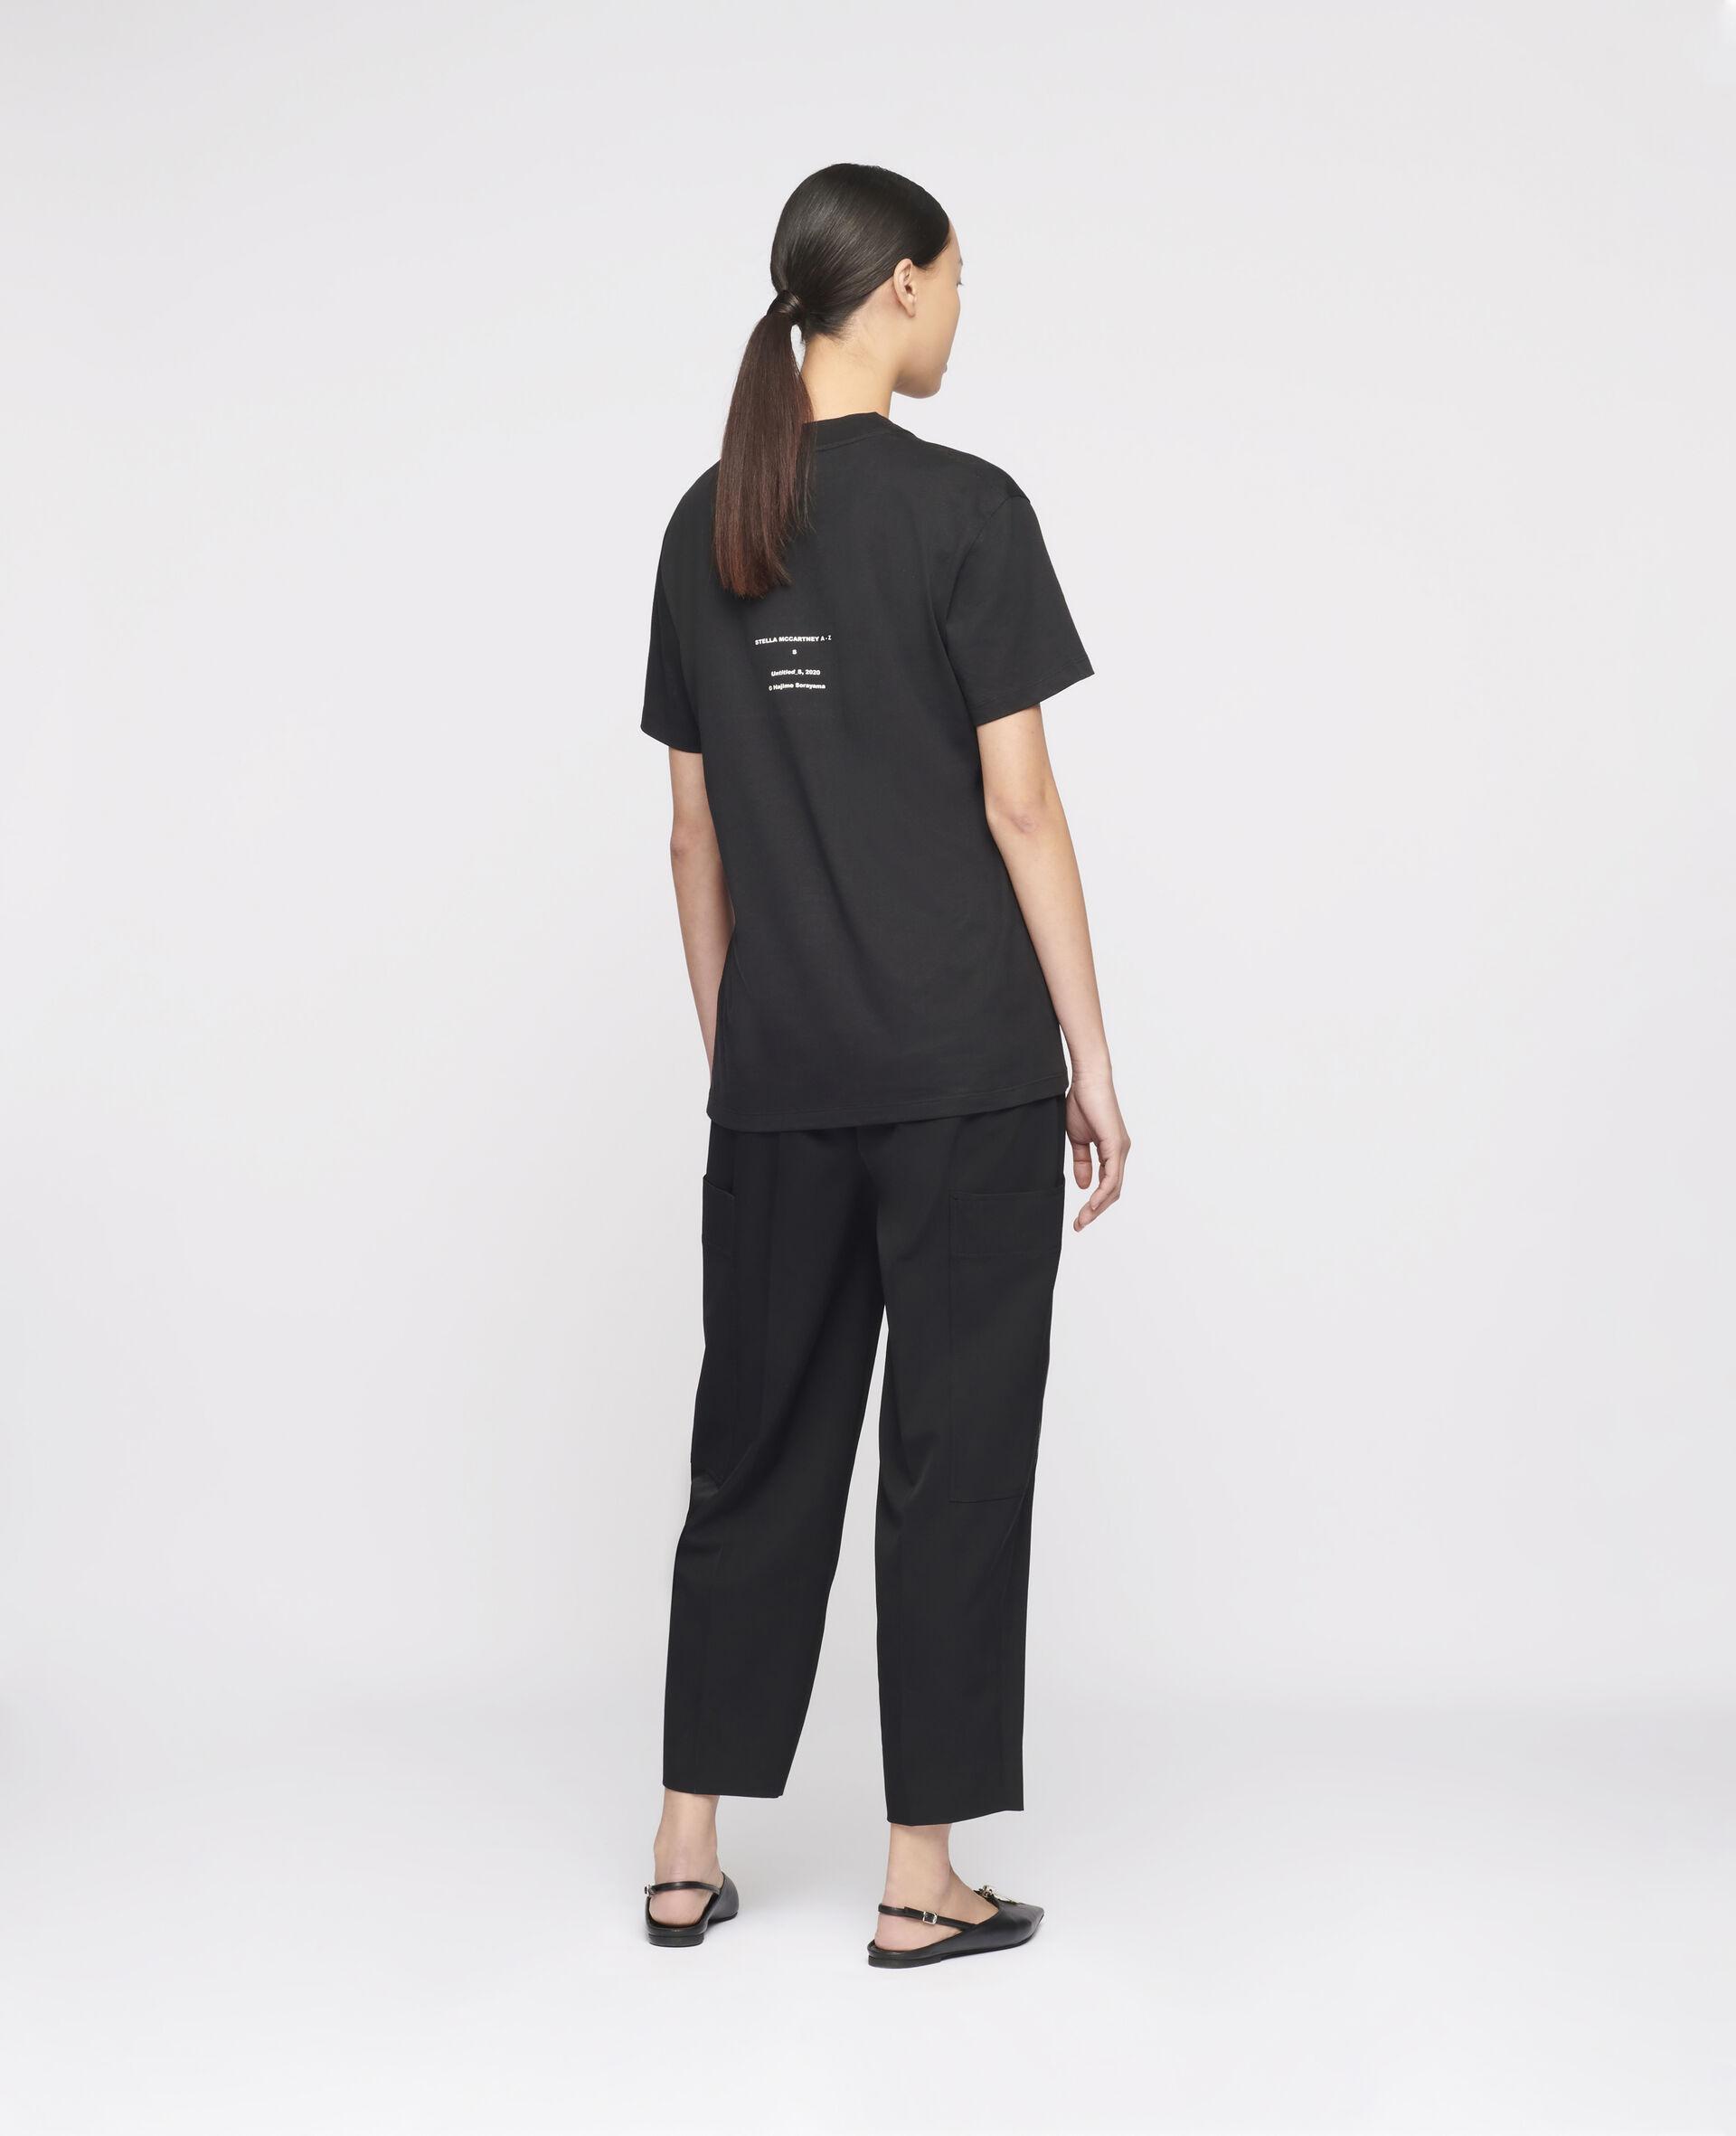 T-shirt Hajime Sorayama «S»-Noir-large image number 2